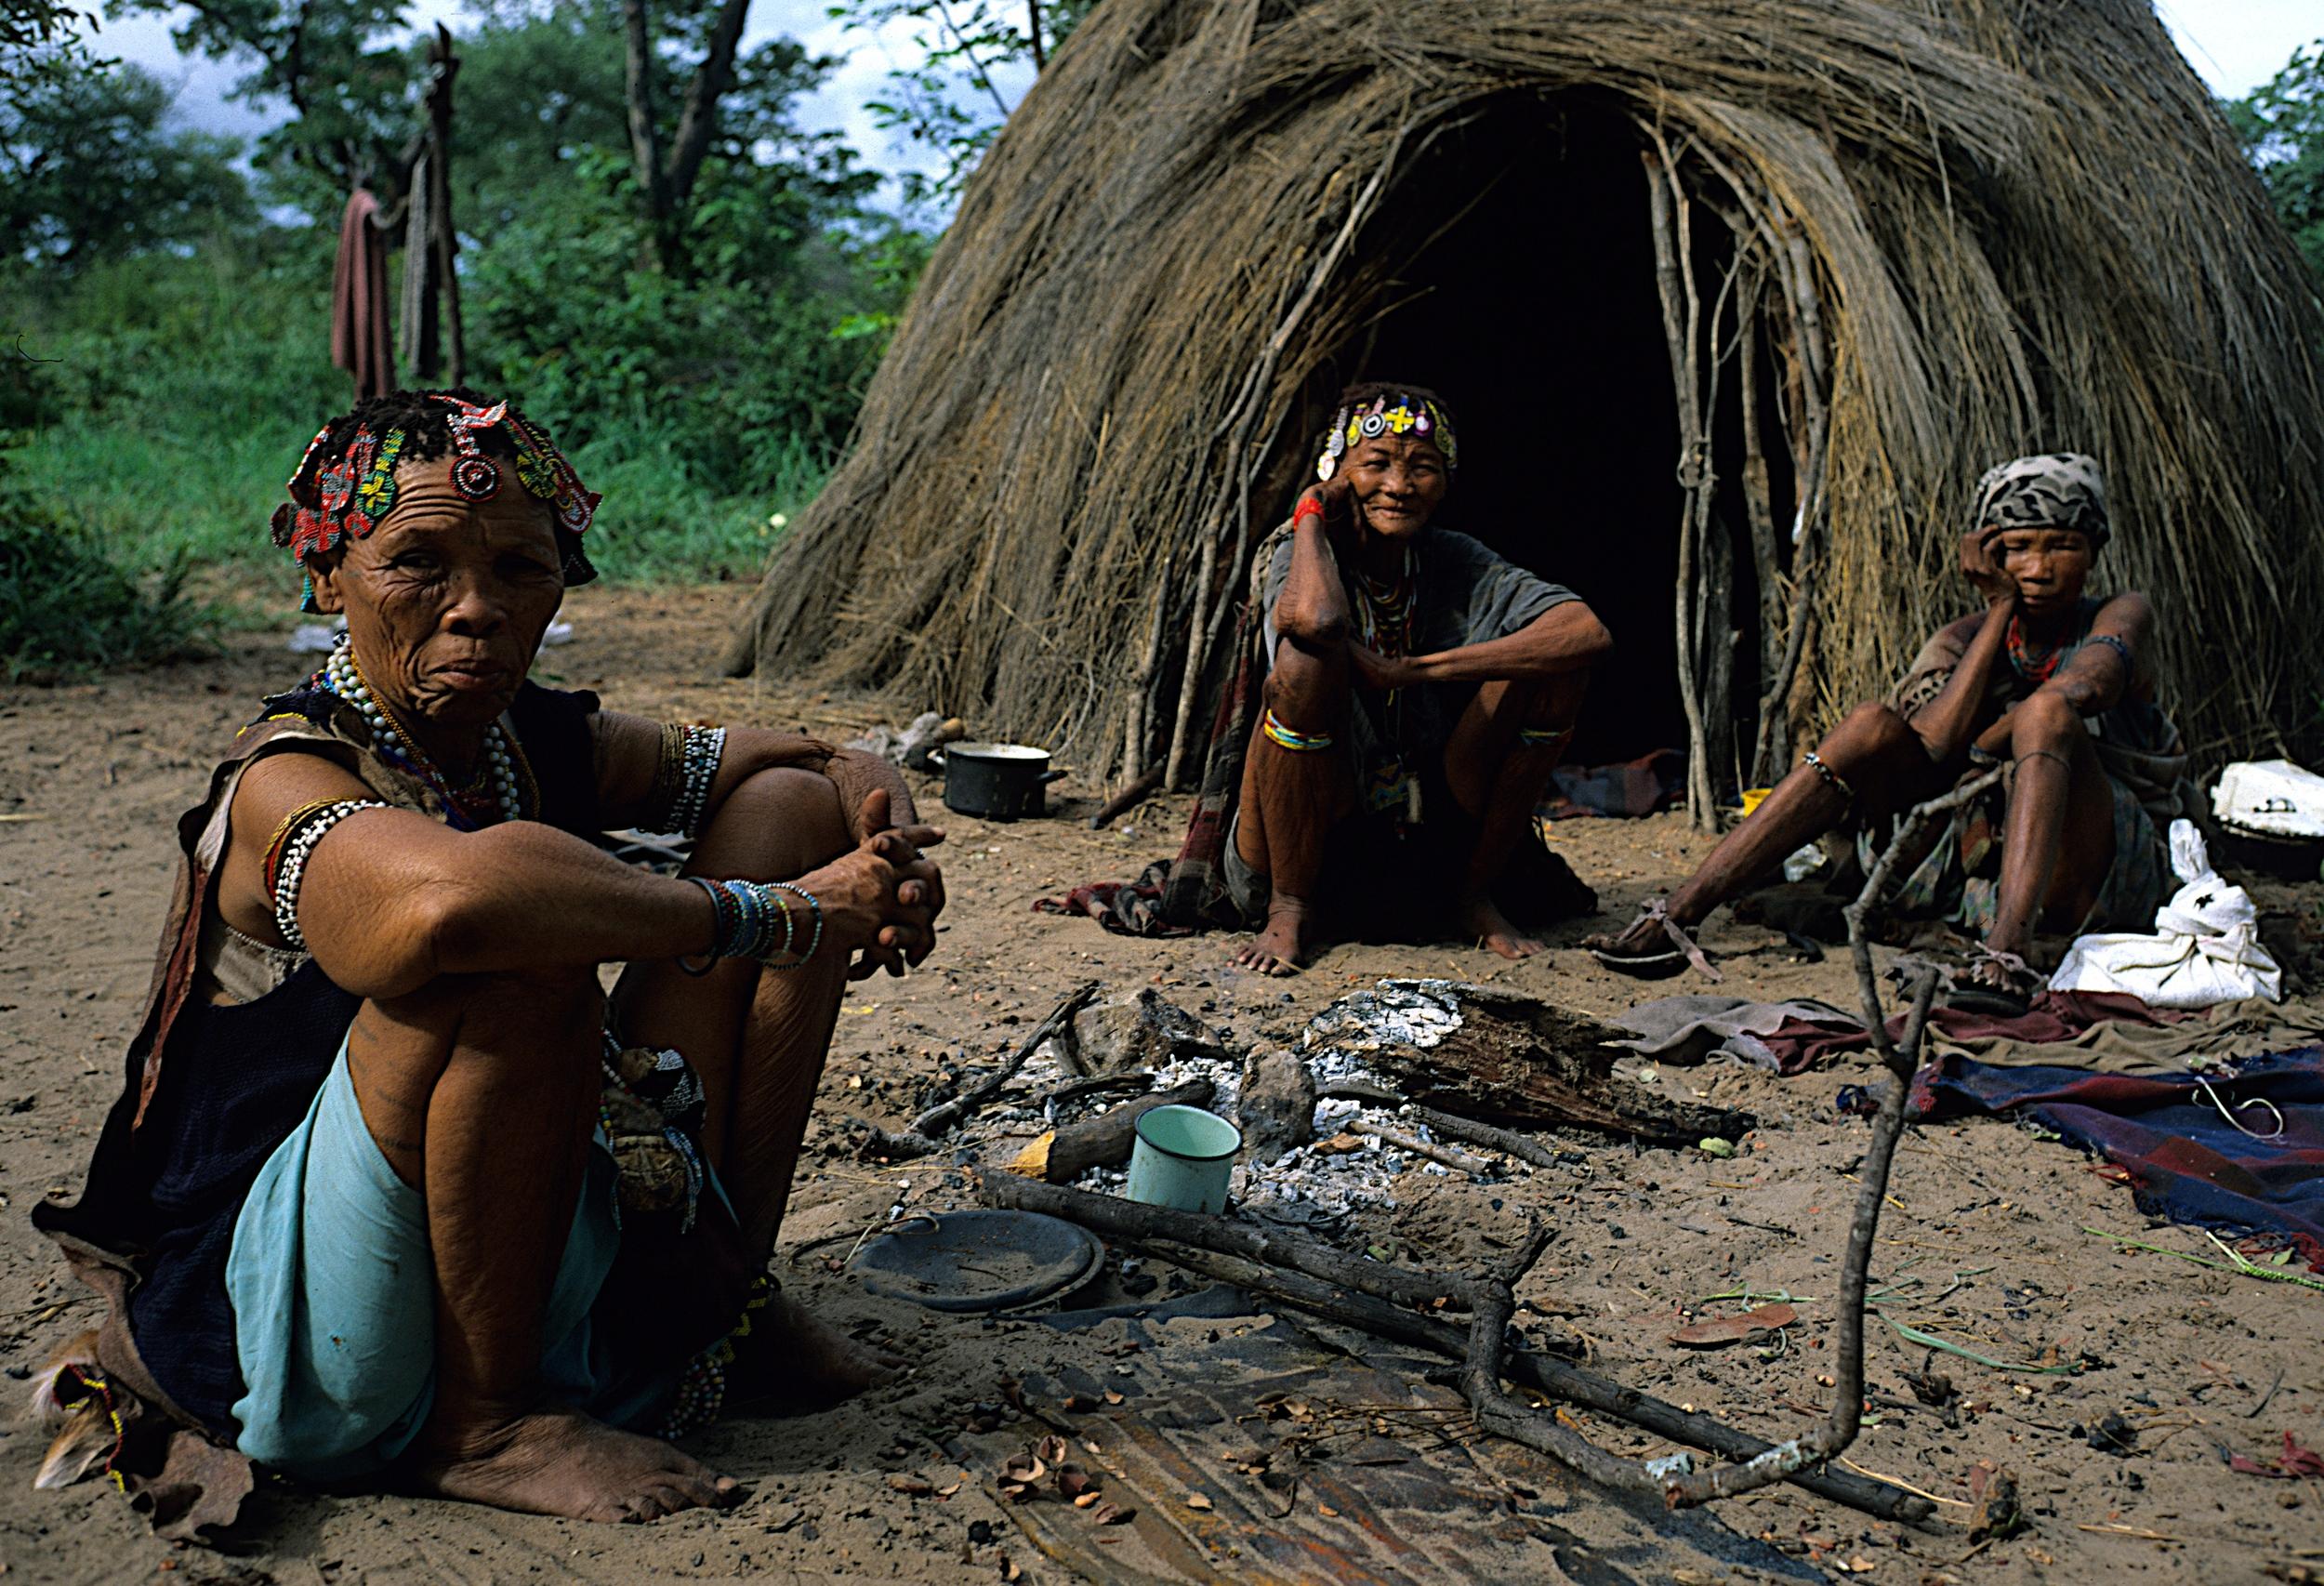 san bush women.jpg